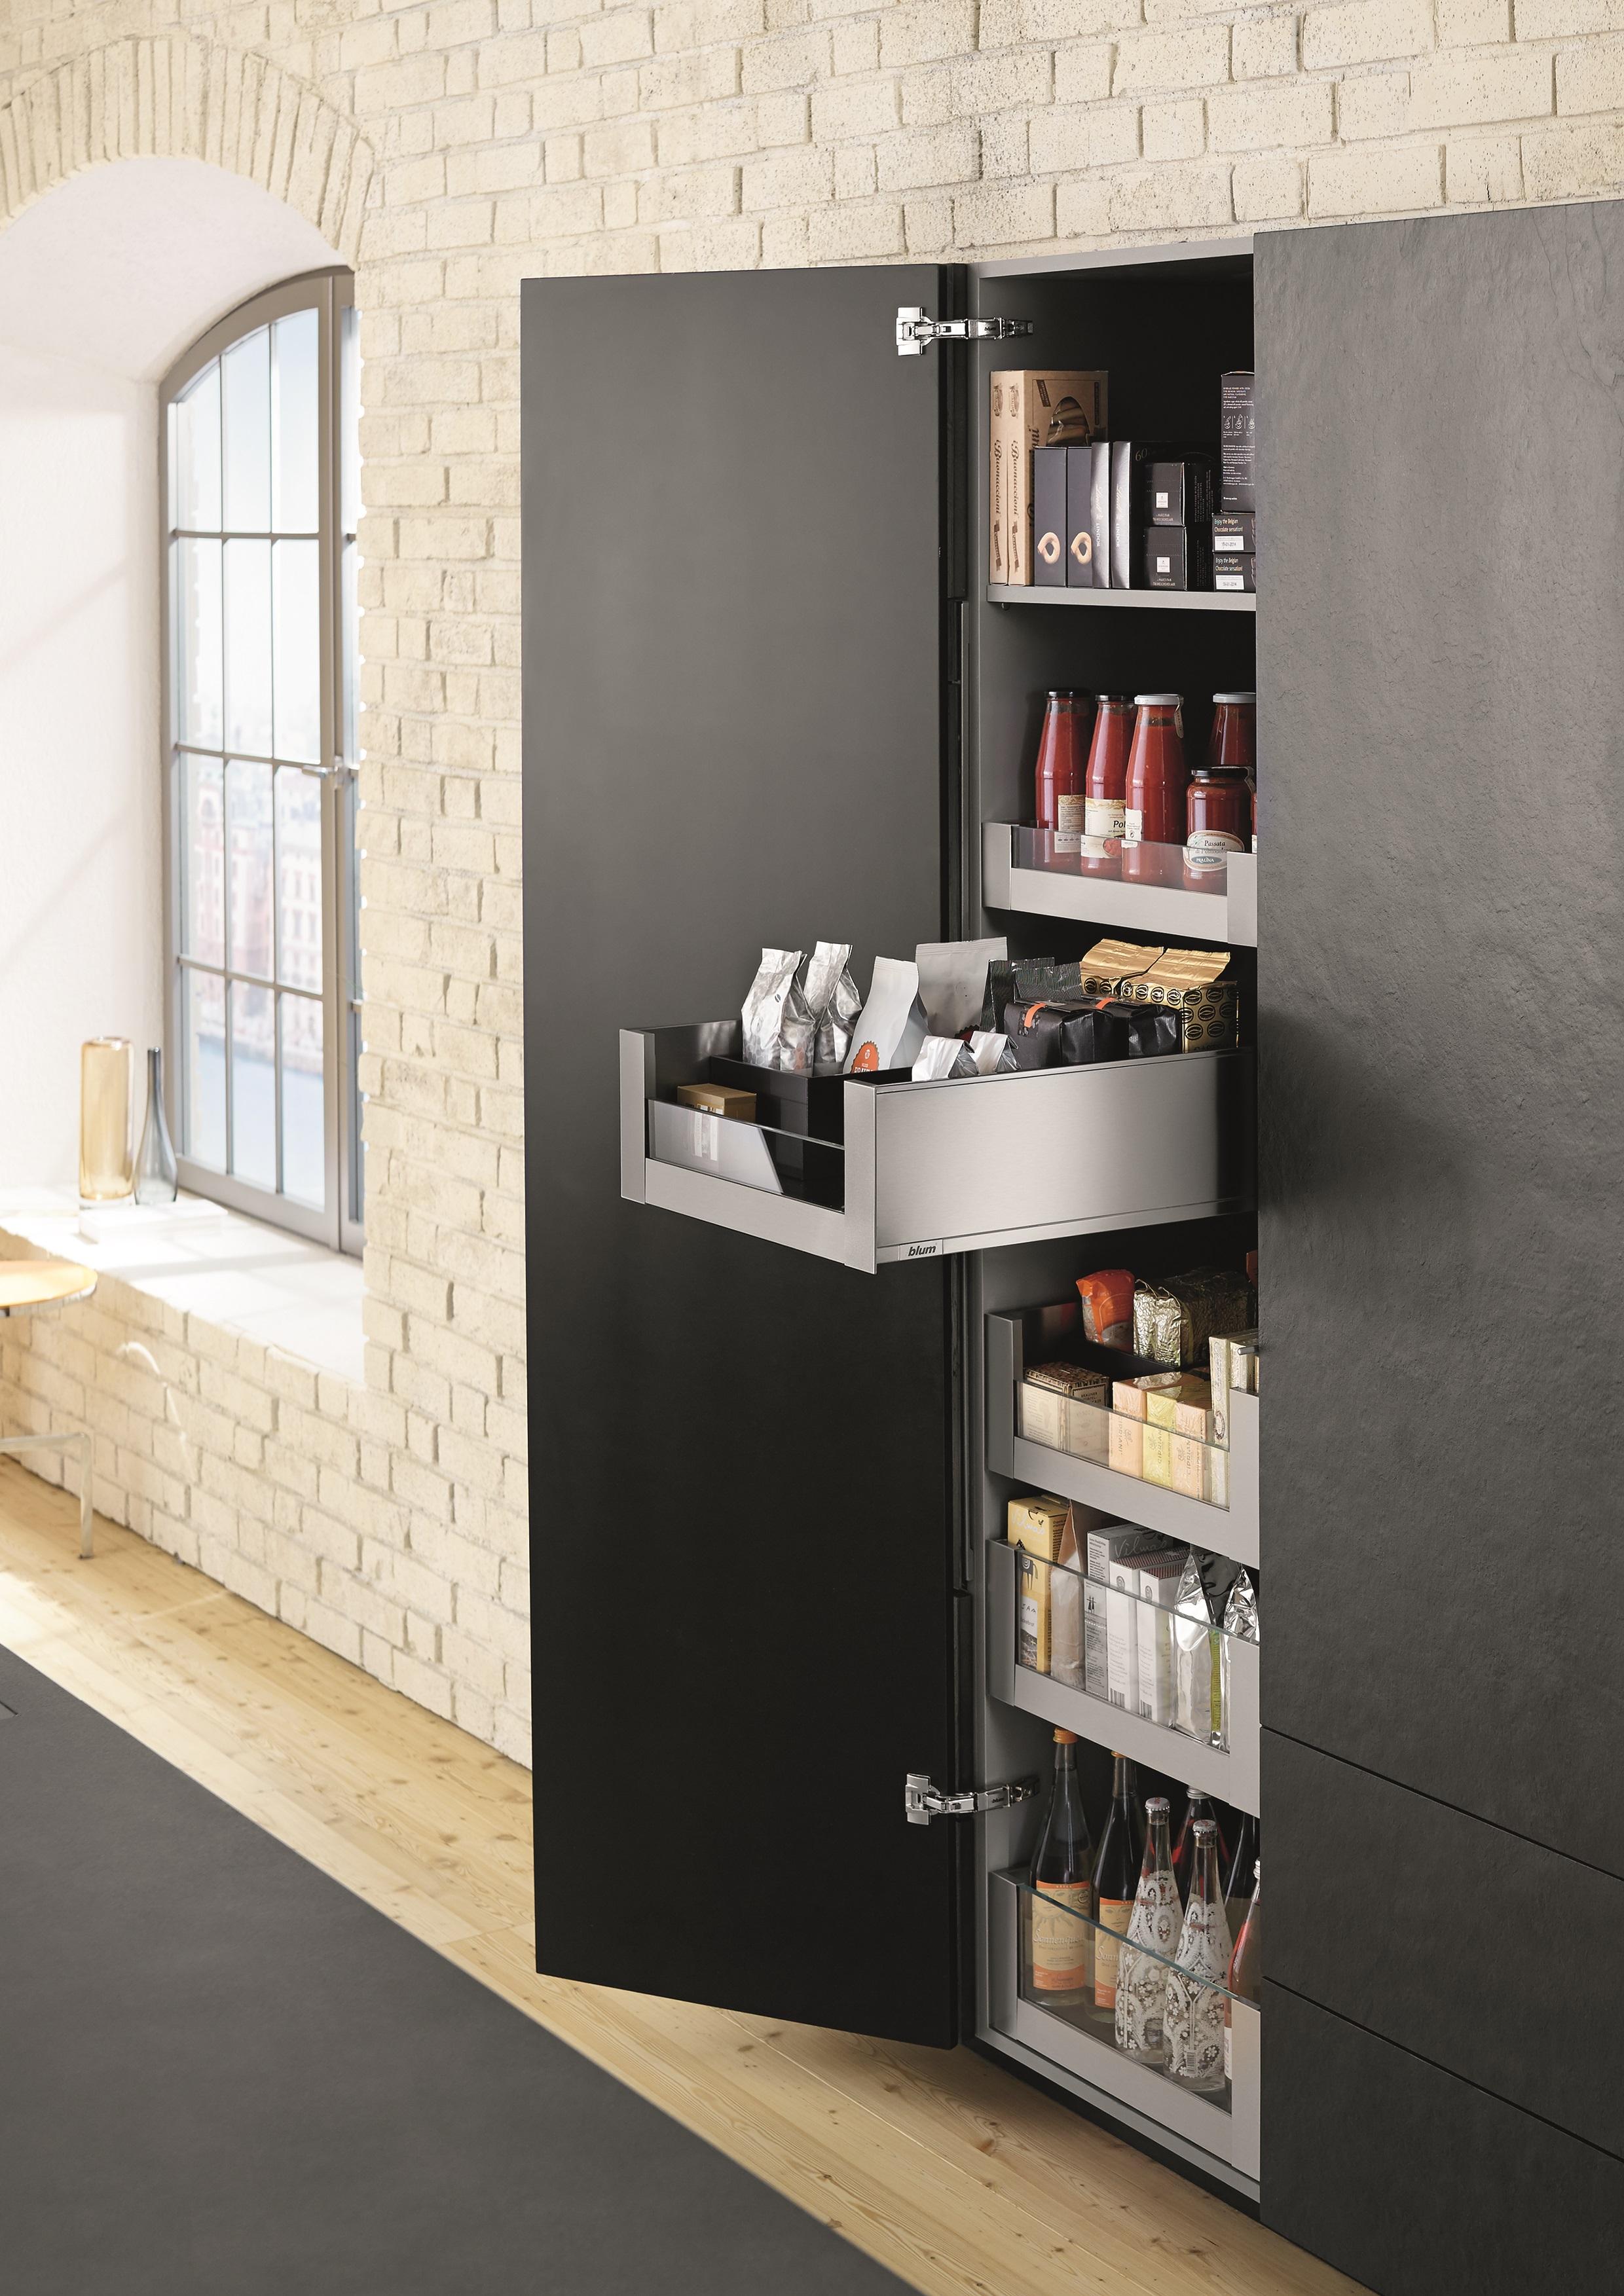 Keukenkast Accessoires : De ideale keukenlade met Legrabox van Blum Nieuws